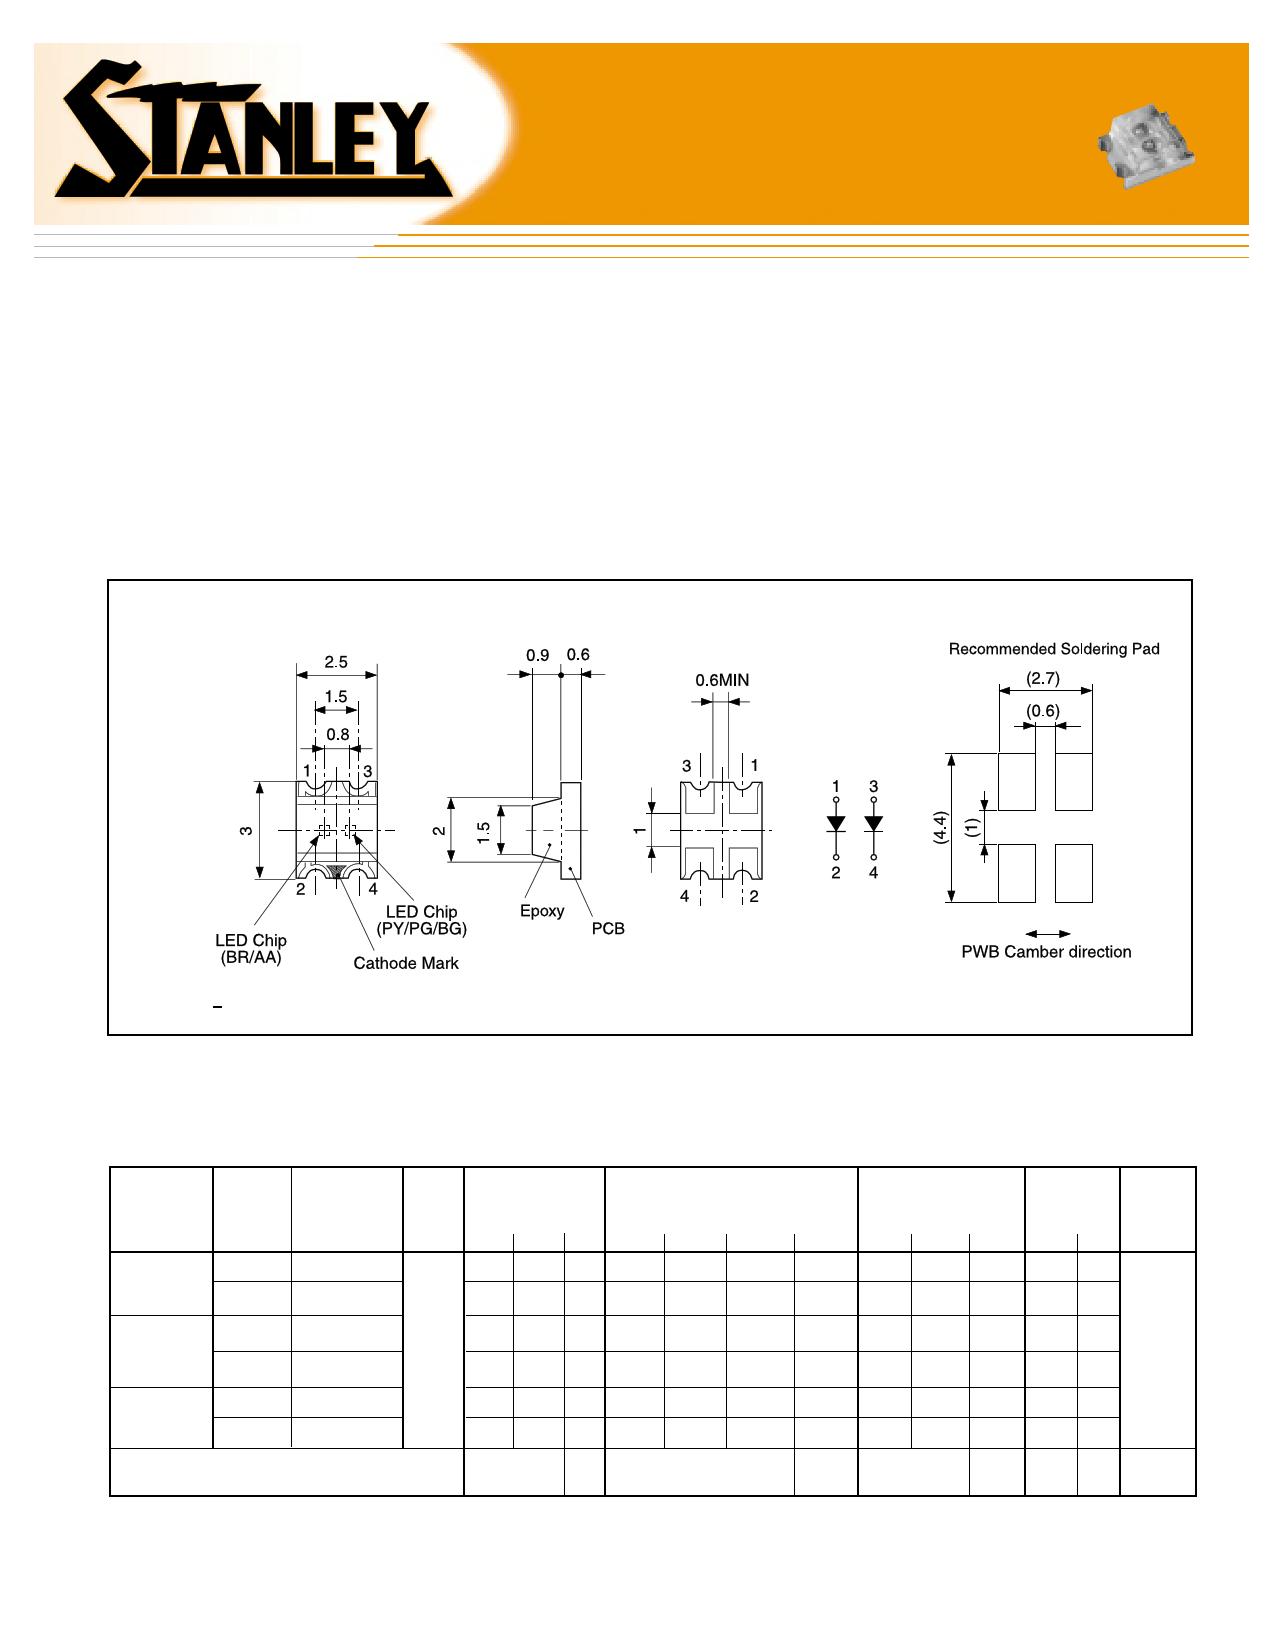 BRBG1201W 데이터시트 및 BRBG1201W PDF